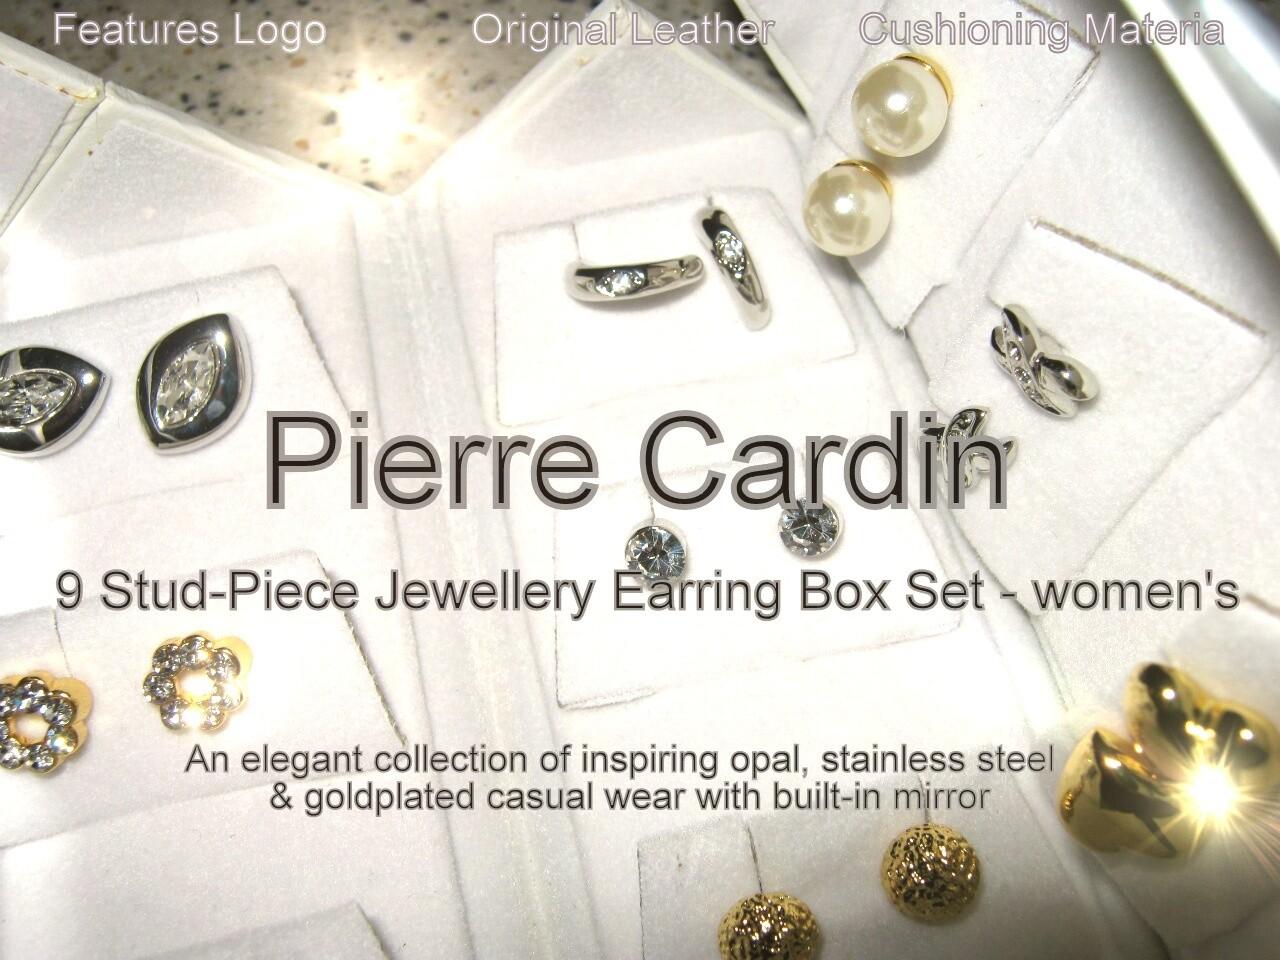 Pierre Cardin 9 Stud Piece Earring Box Set - women's